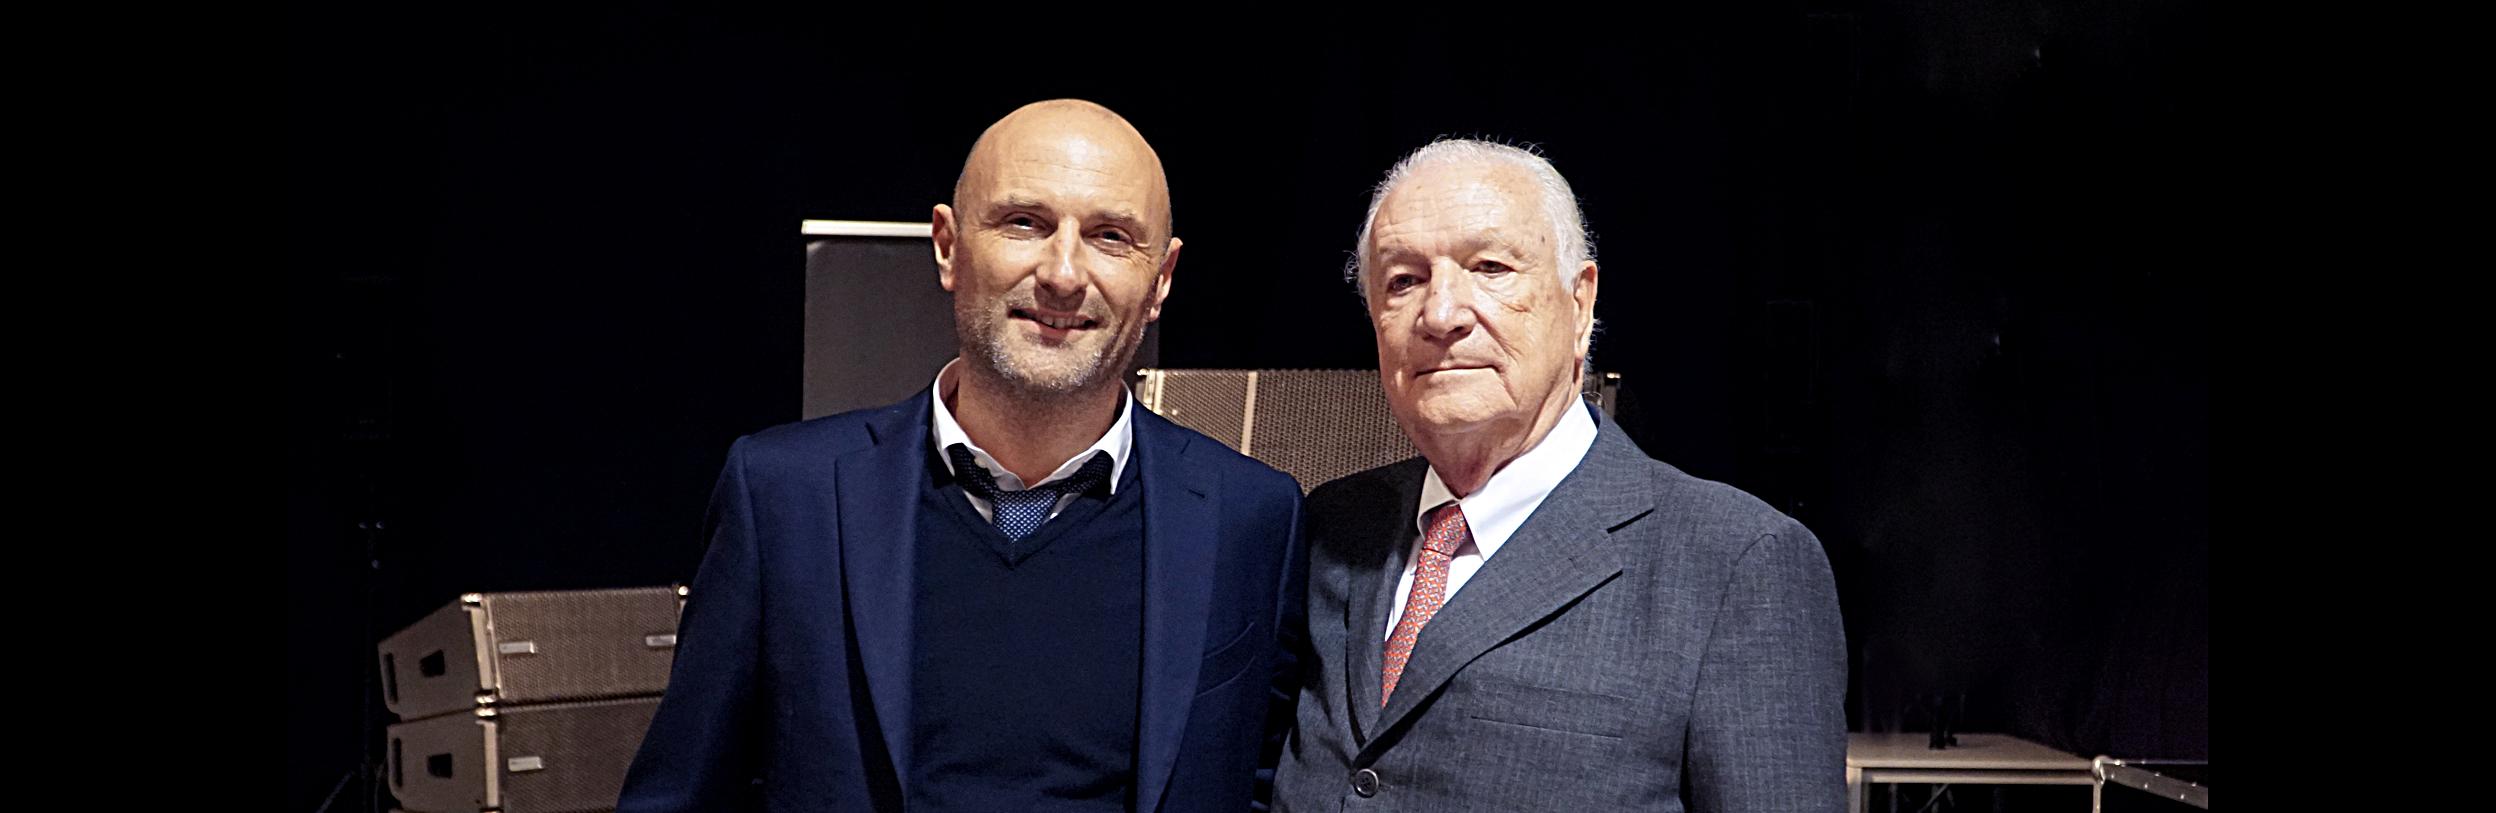 (Pic, from left: Giovanni Barbieri, Arturo Vicari)